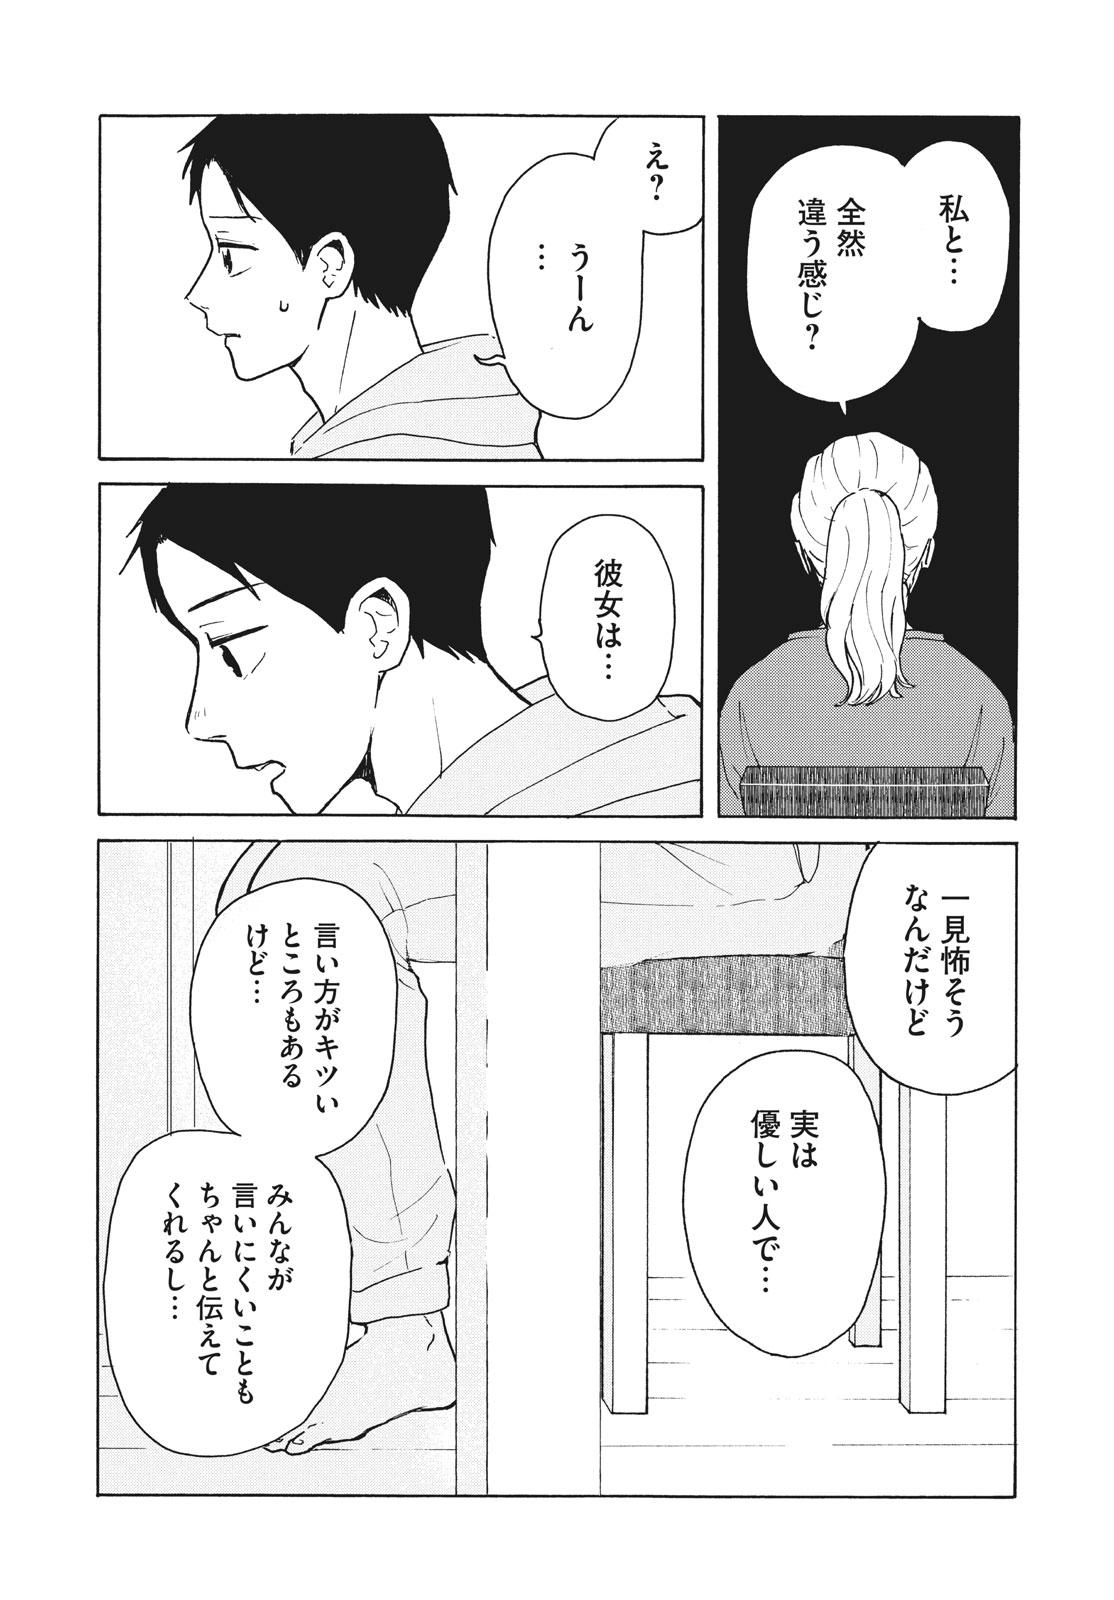 006_30譌・_2020_009_E.jpg